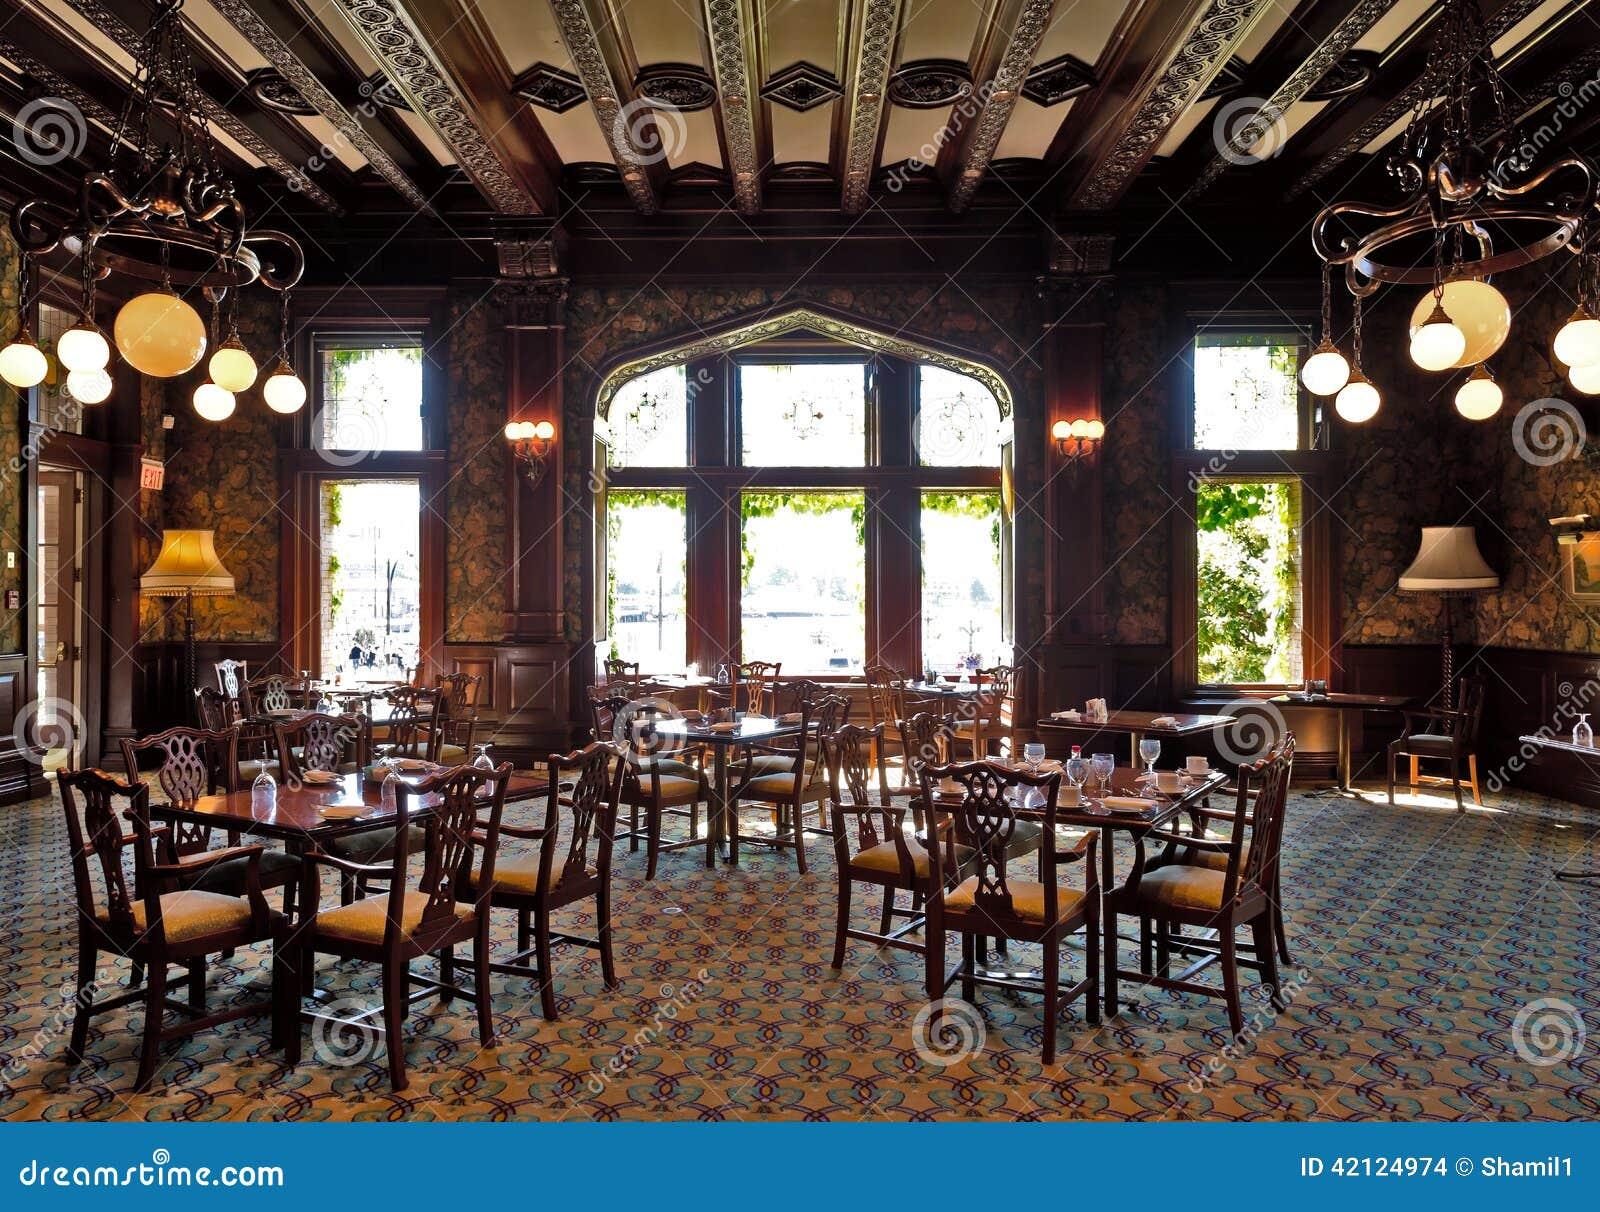 Empress Hotel Victoria Tea Room